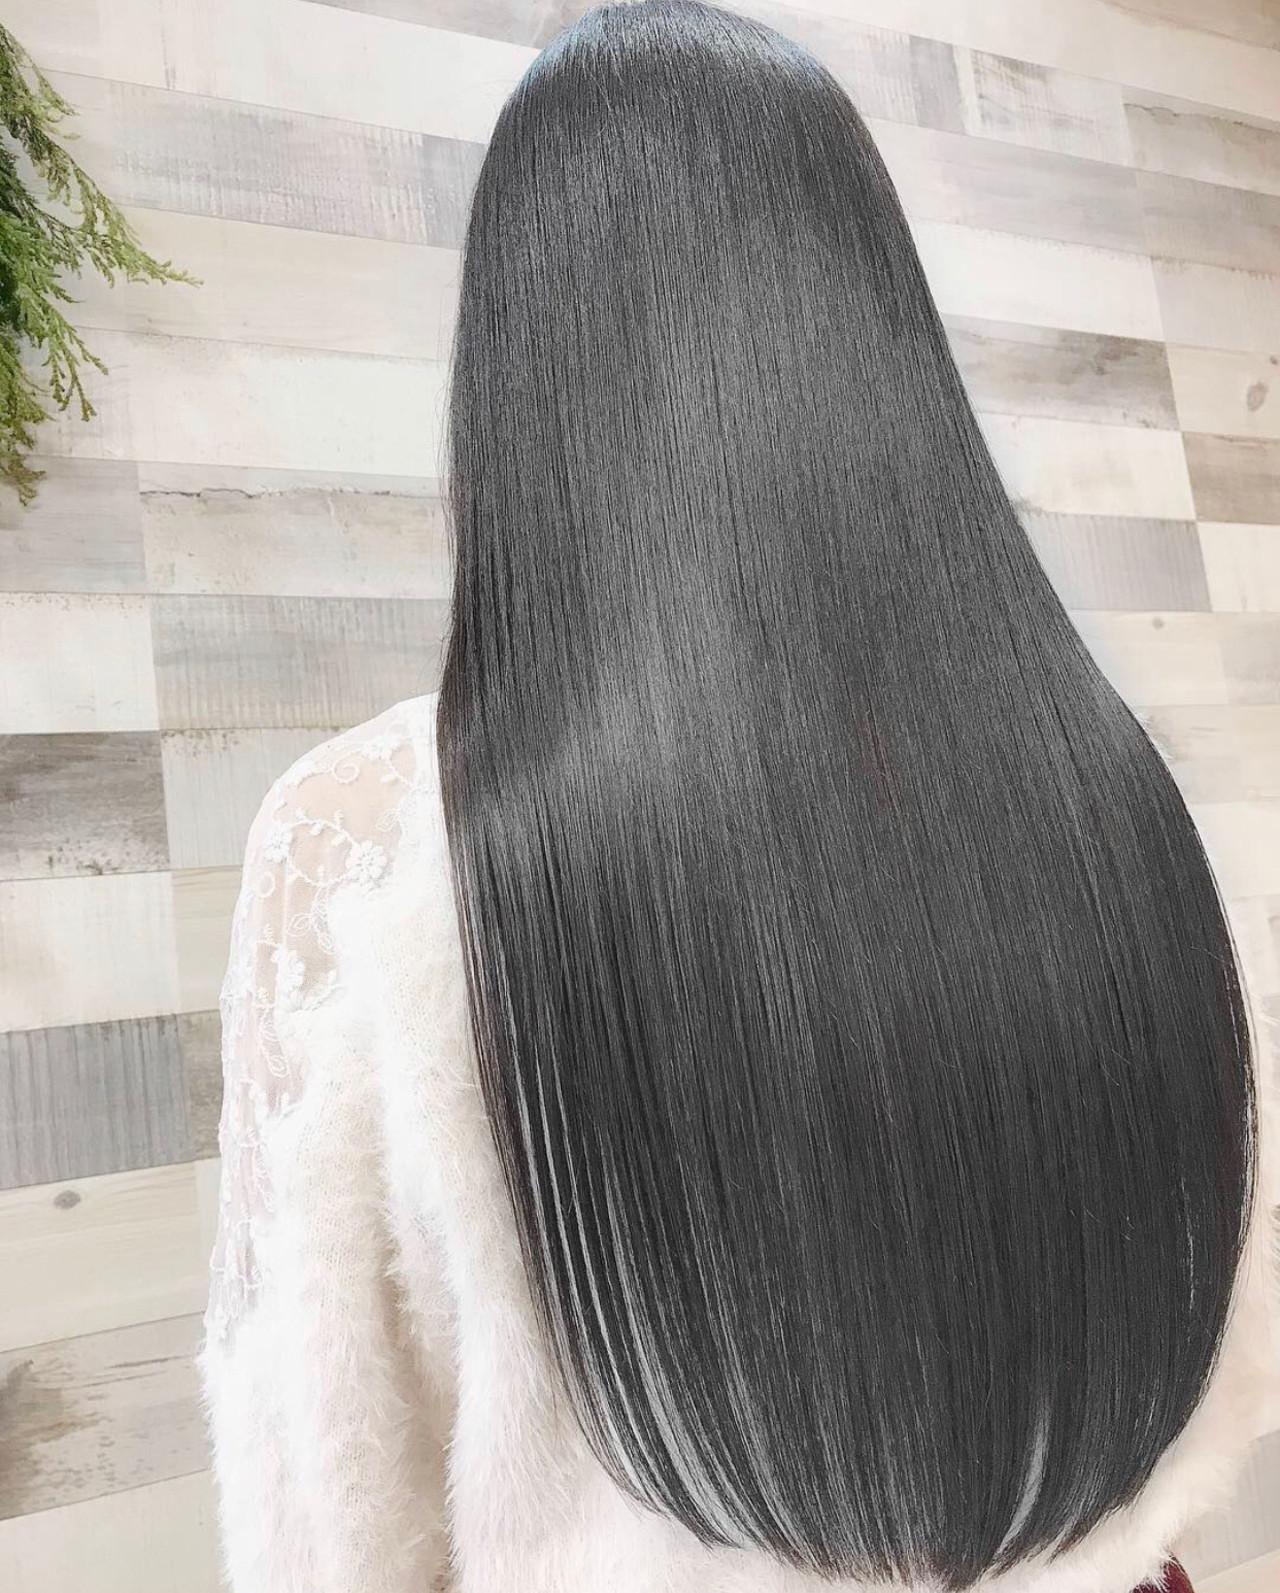 艶髪 髪質改善 ロング グレージュ ヘアスタイルや髪型の写真・画像